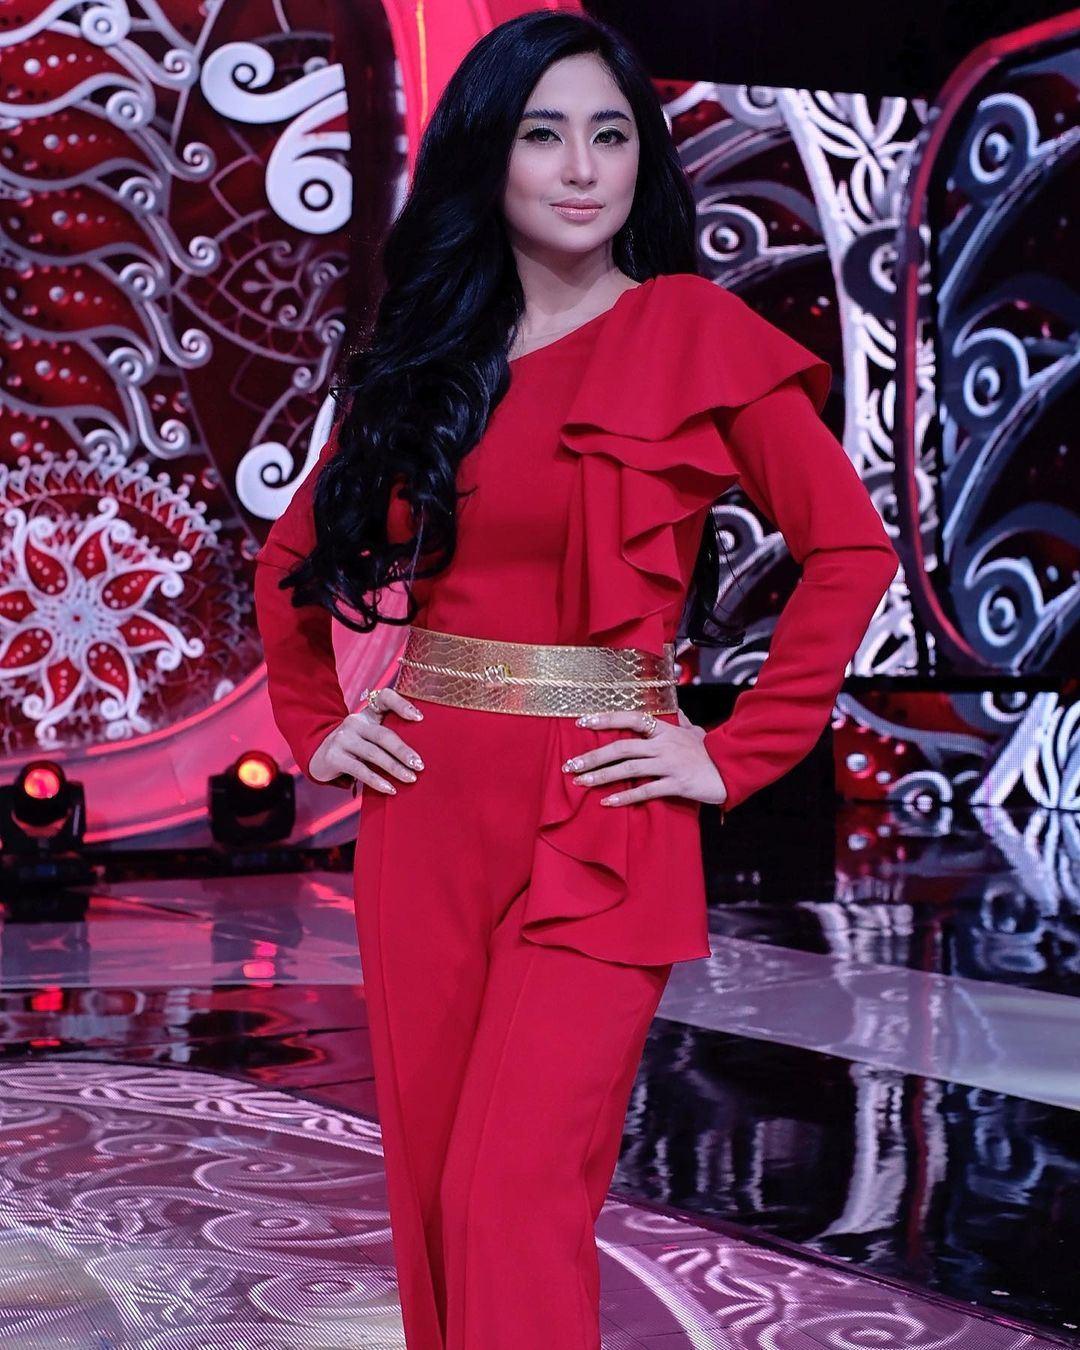 penyanyi dangdut indonesia dituduh sengaja tak mahu hamil sebab jaga badan